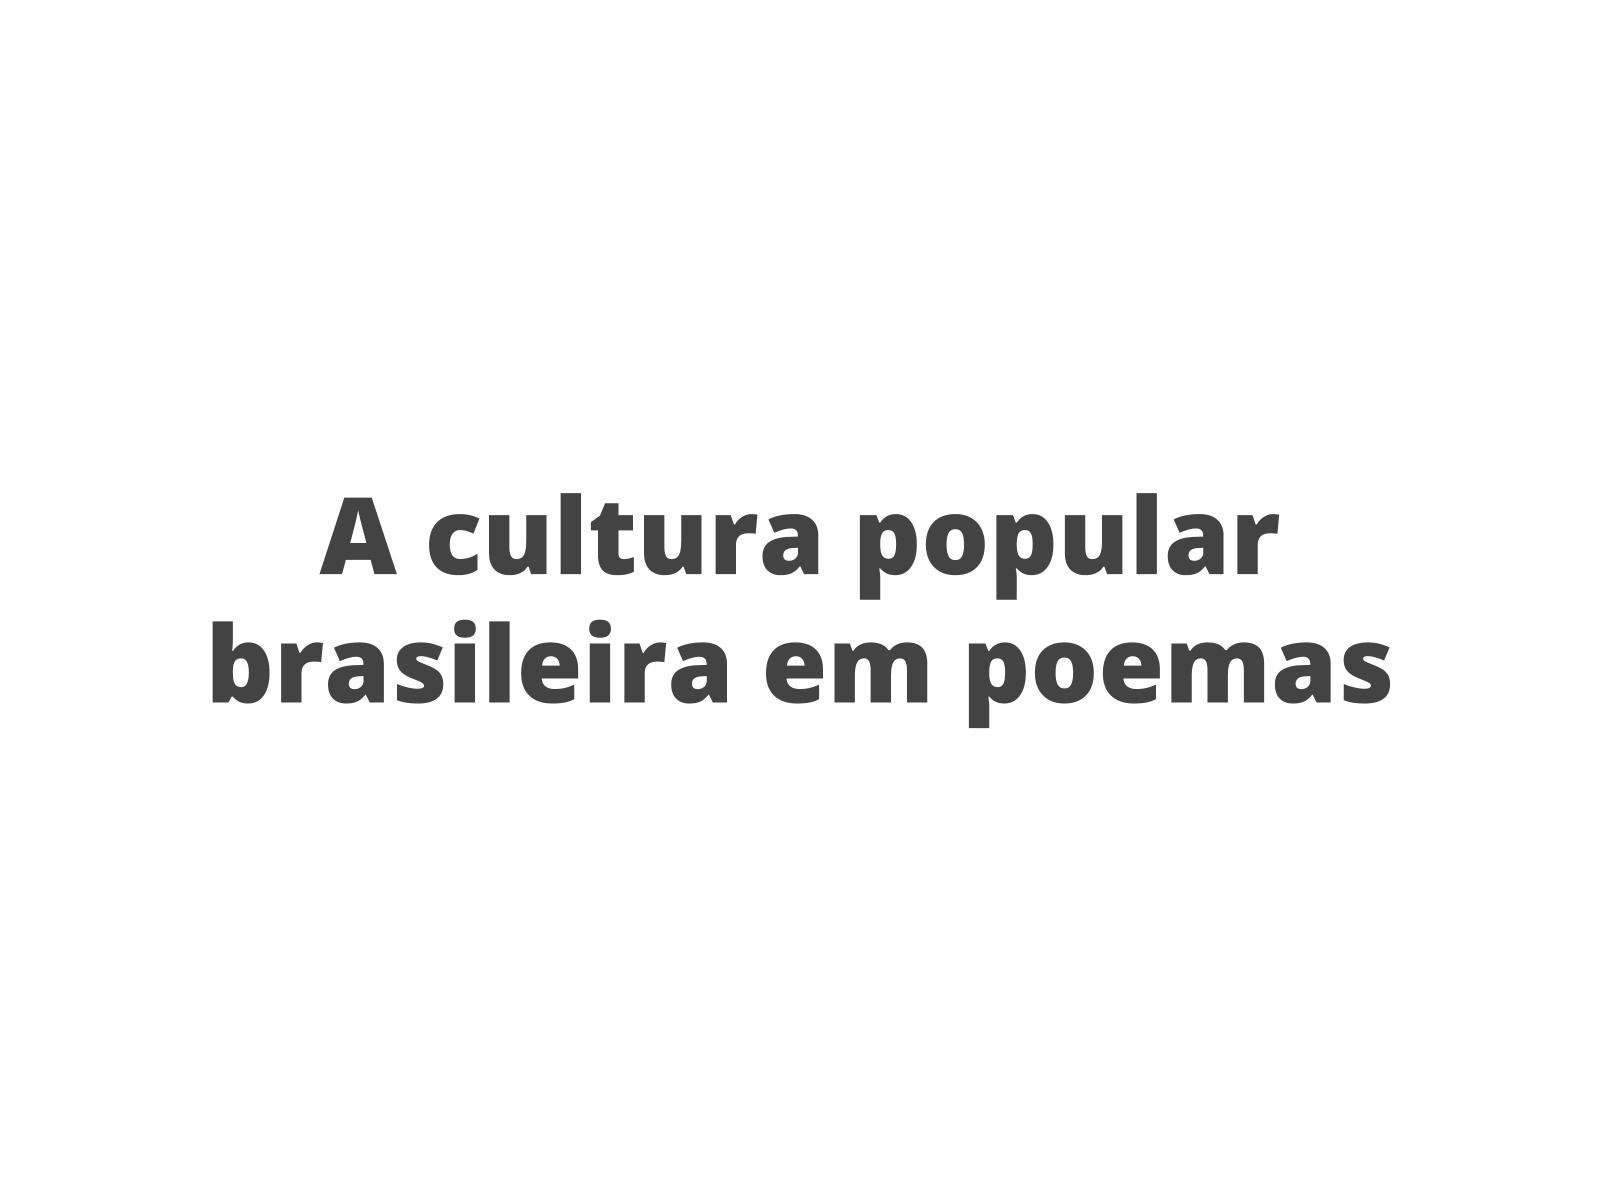 Trabalhando a cultura popular brasileira com poemas